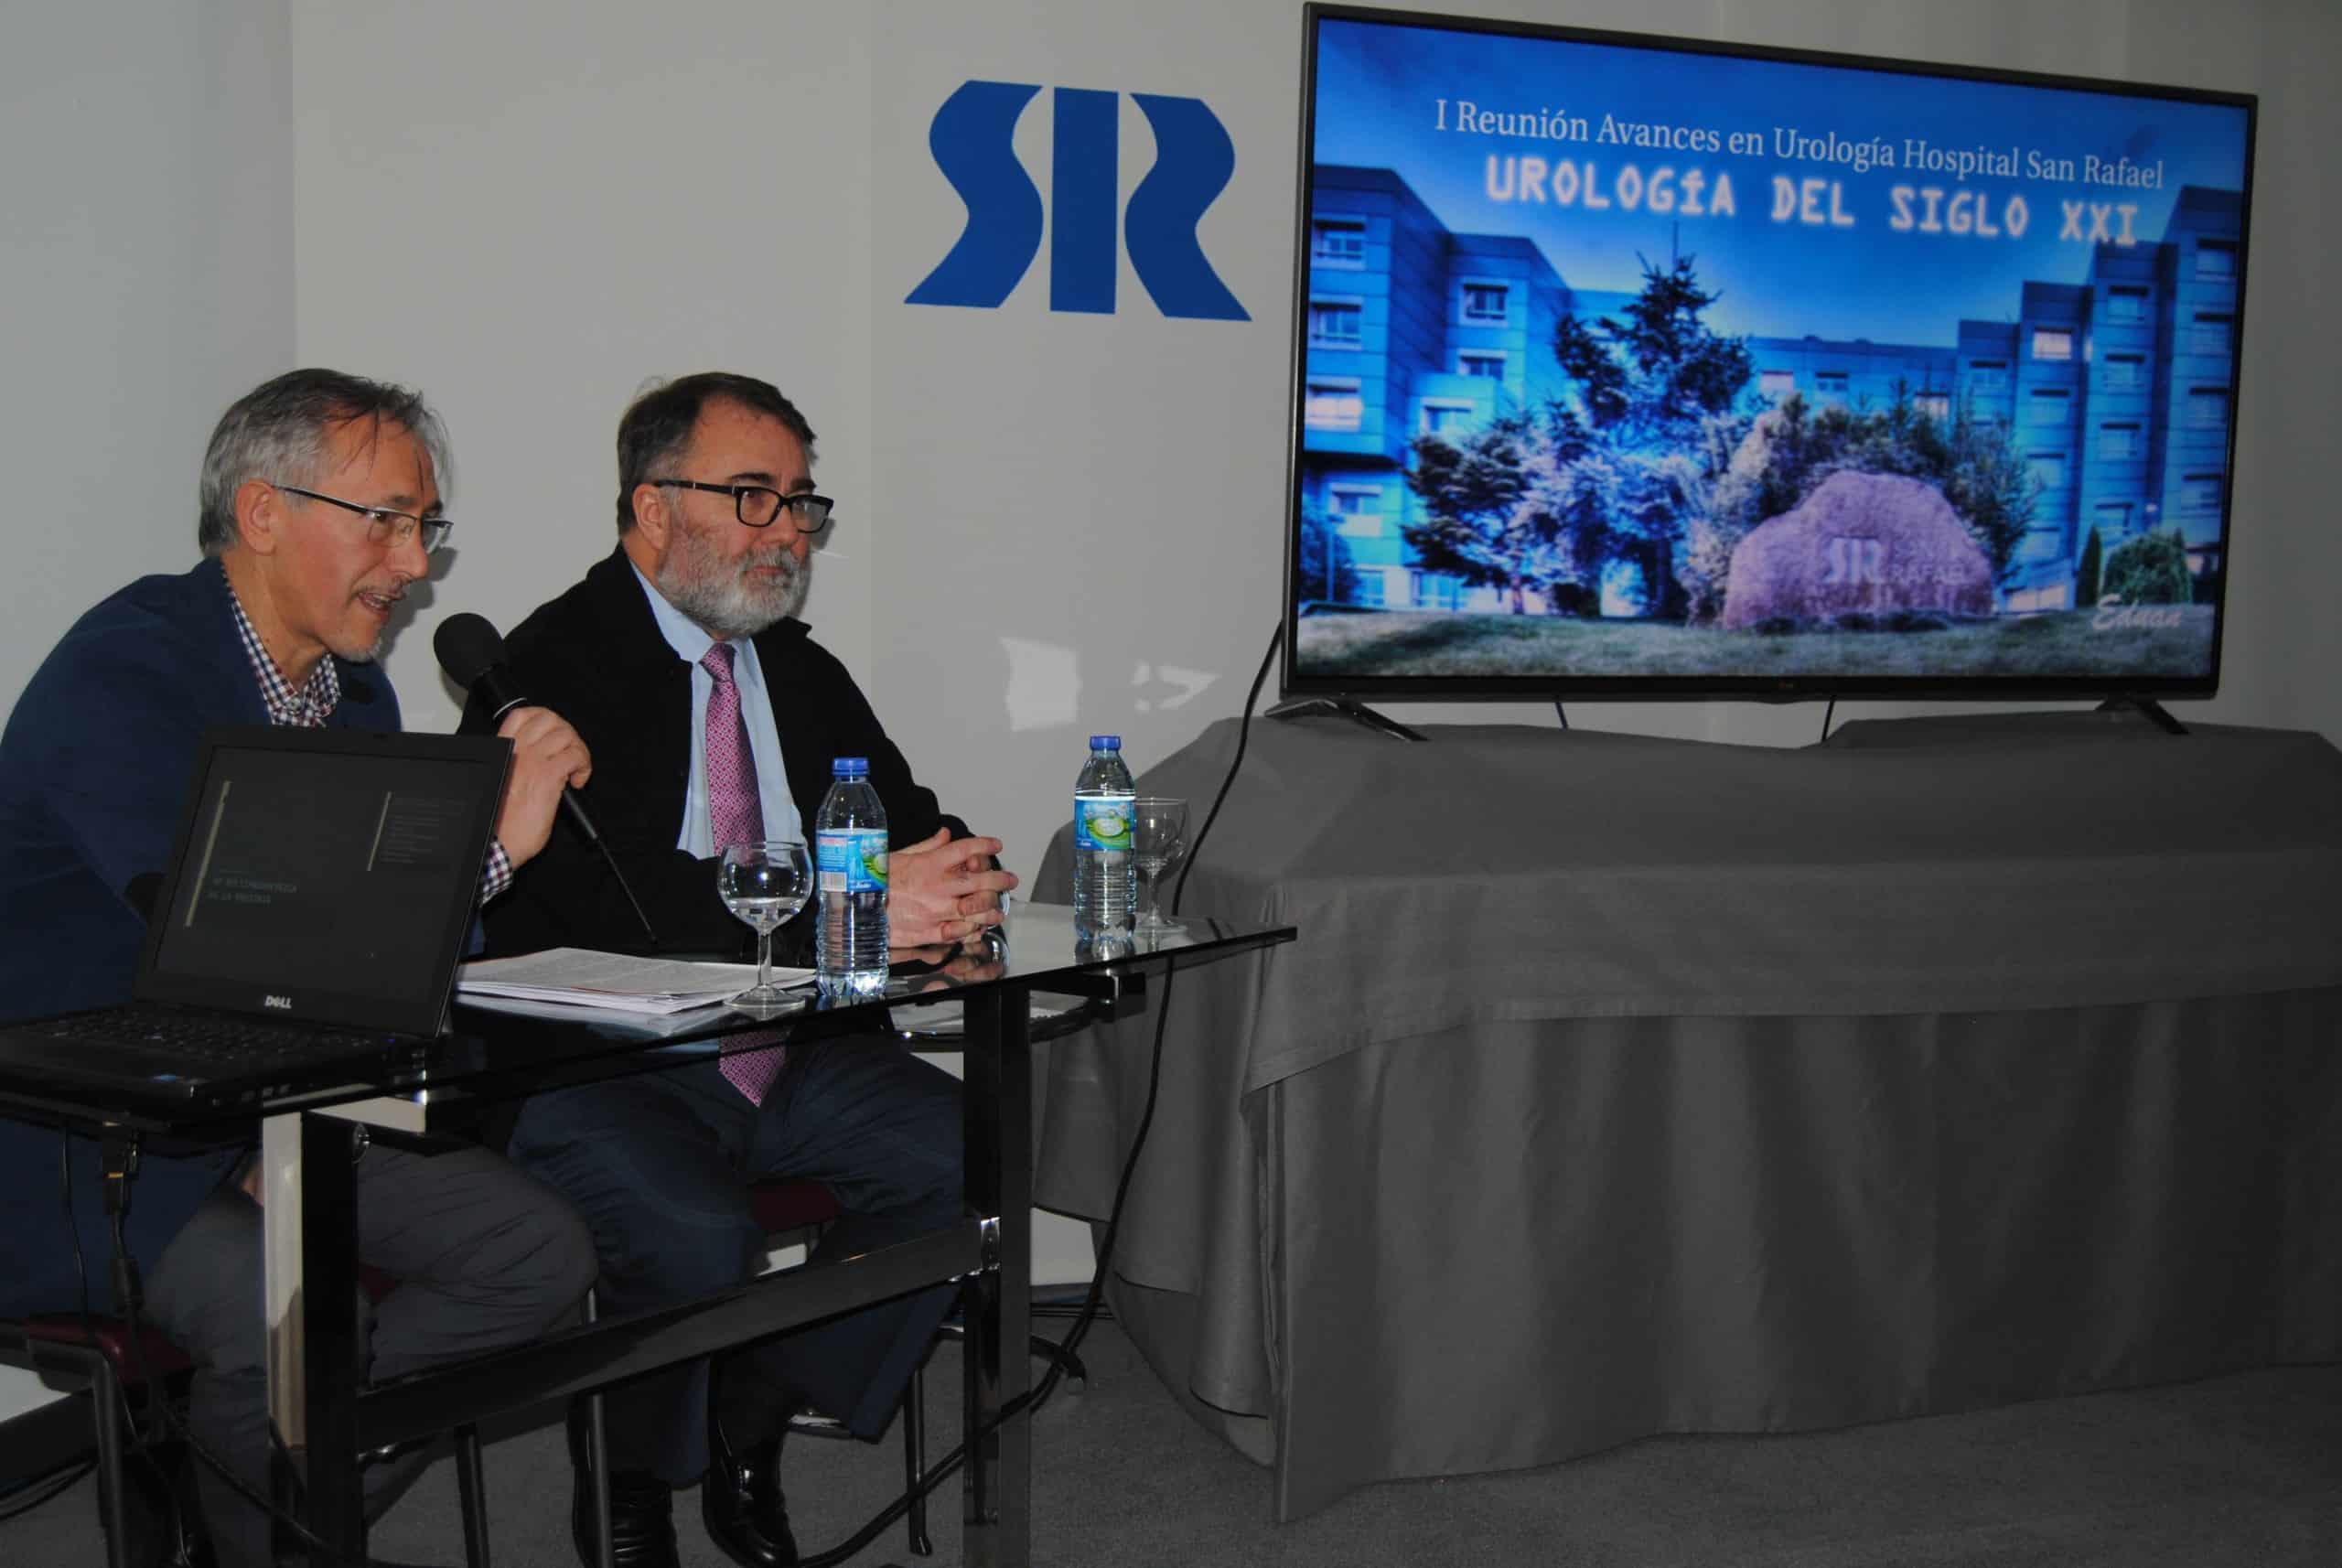 robot-da-Vinci-urología-San-Rafael-Coruña